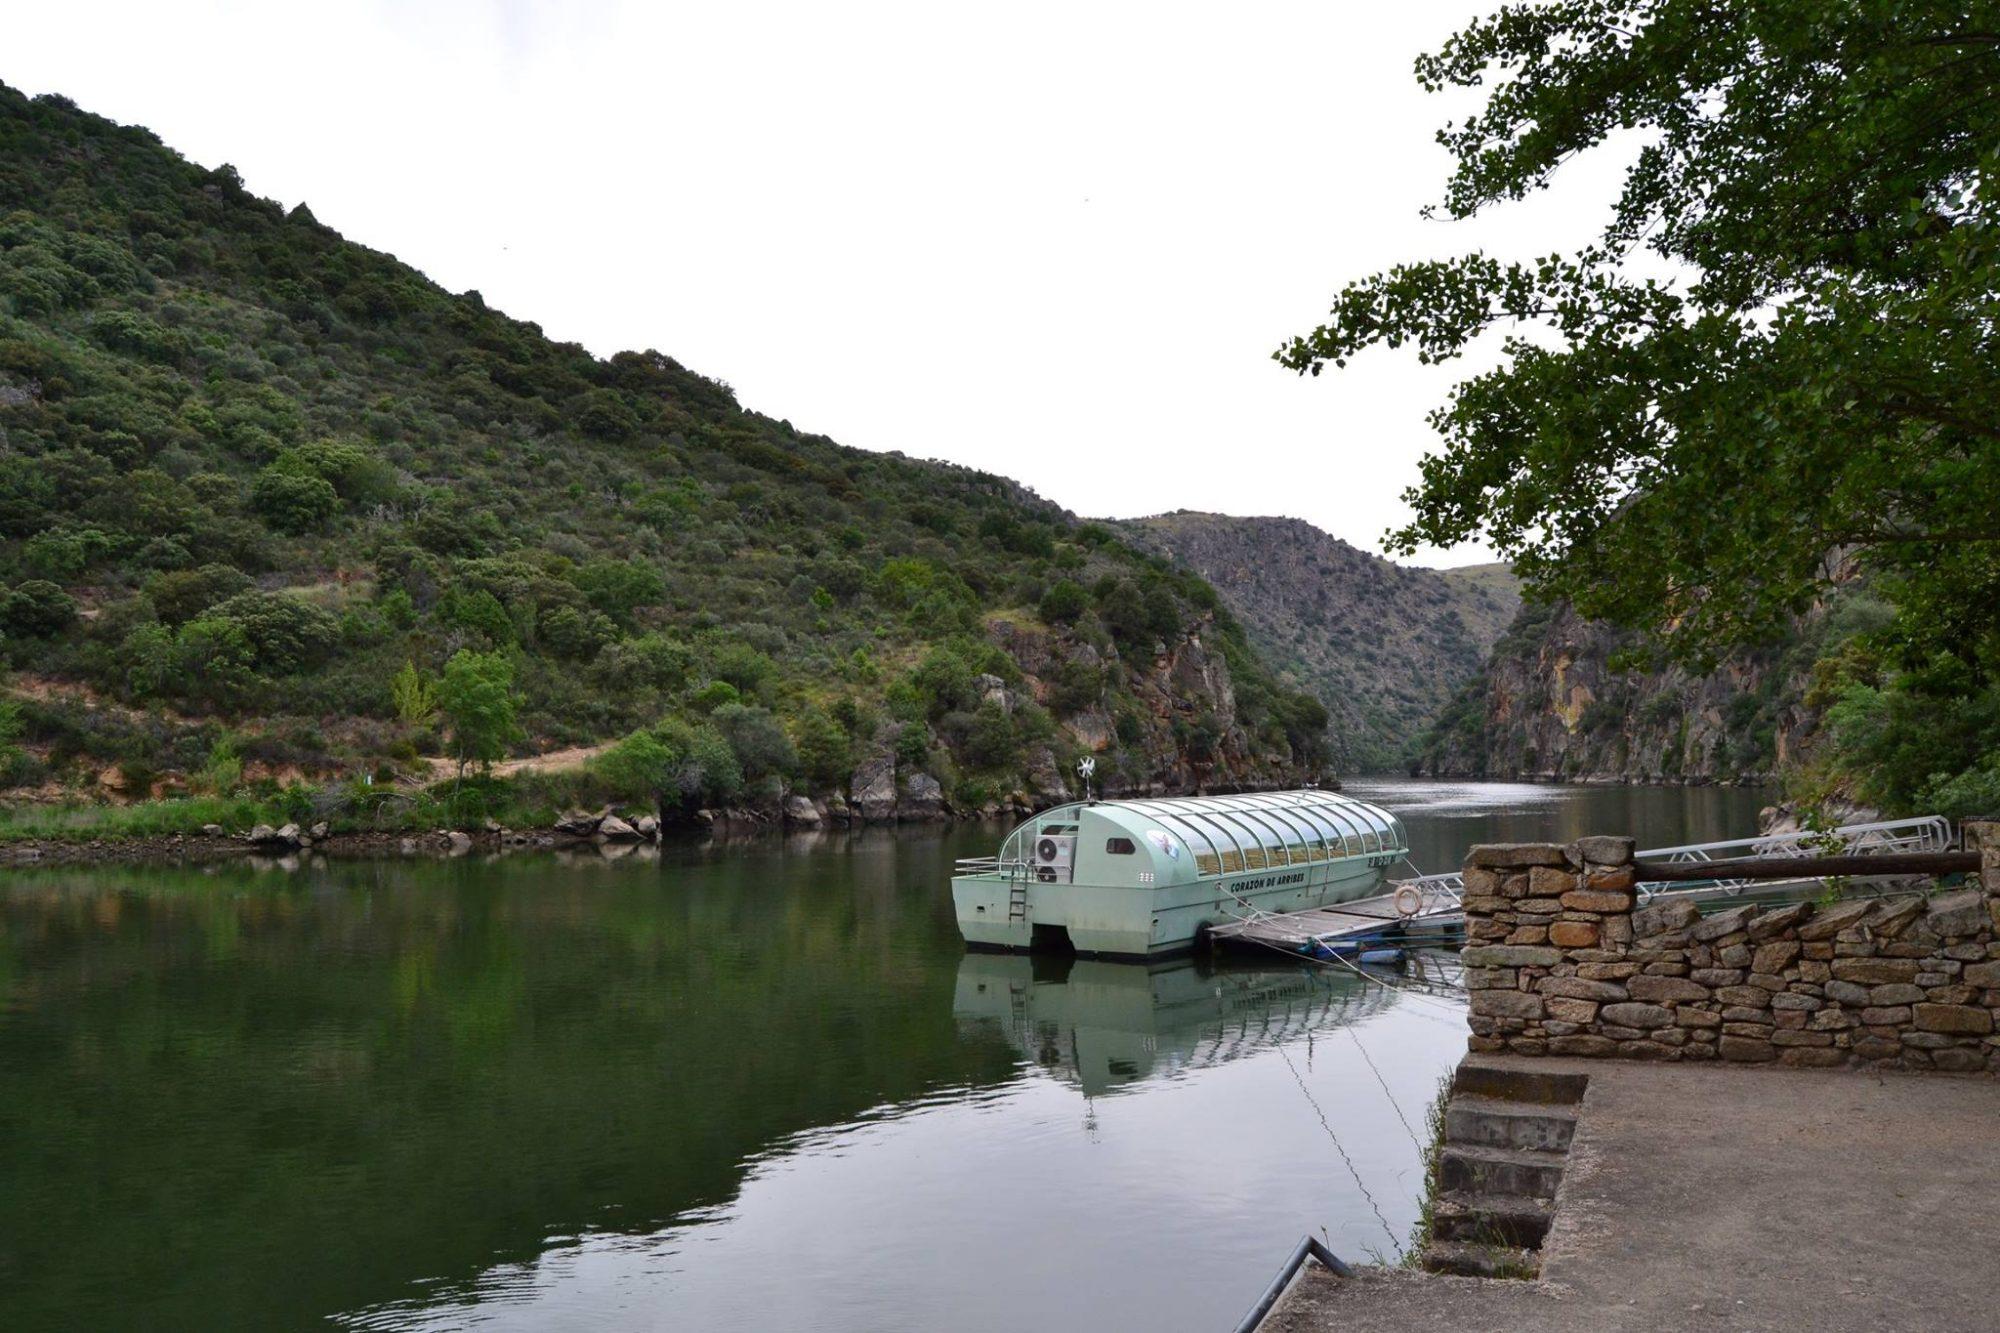 Excursión turística para recorrer el río duero en barco